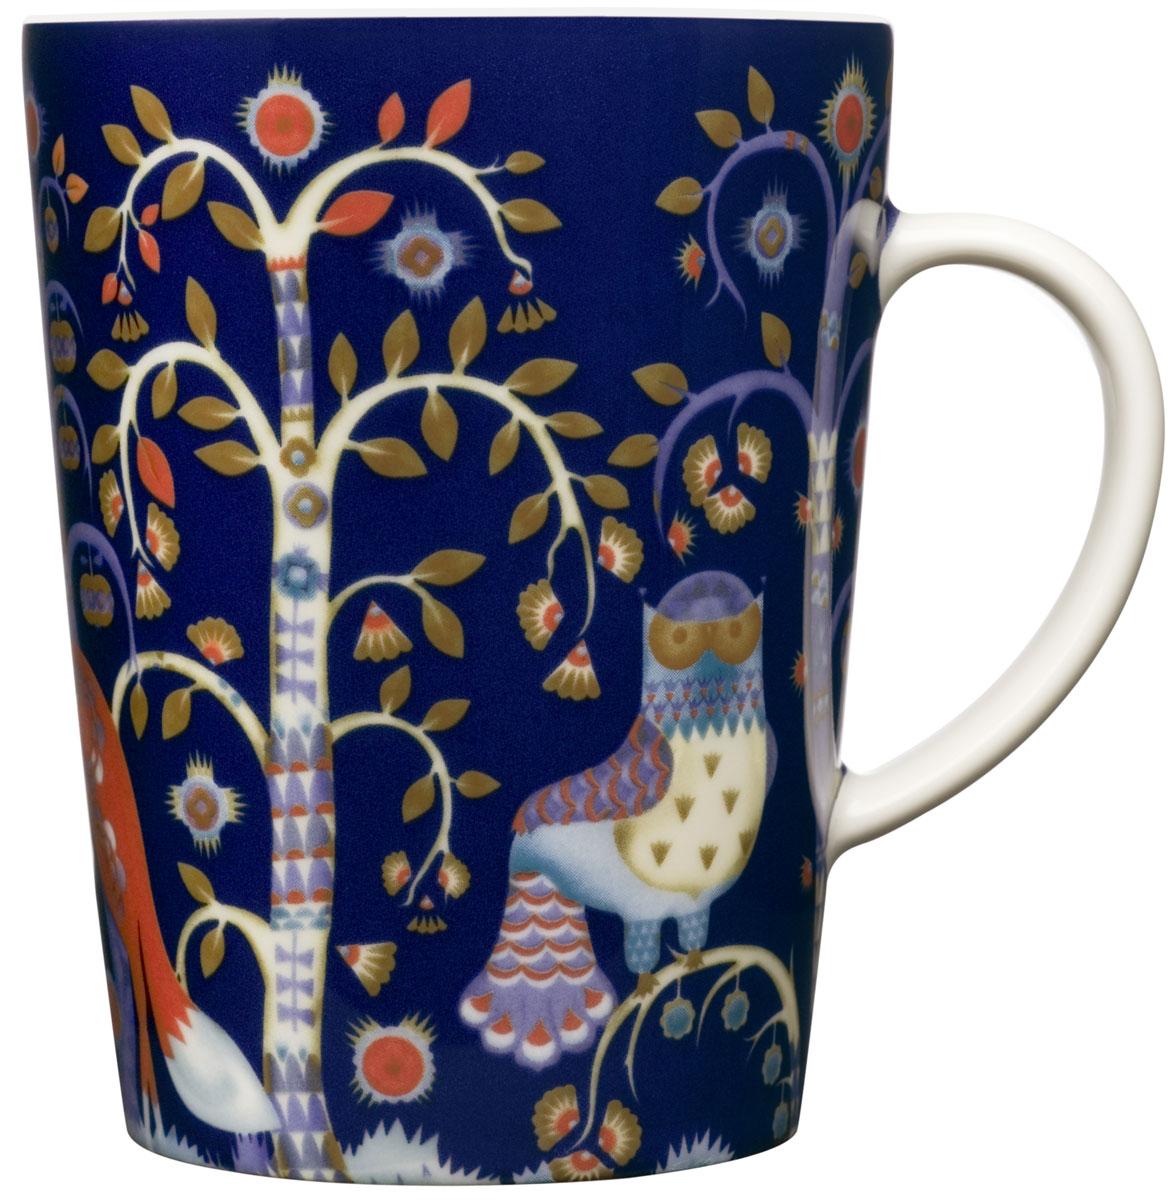 Чашка Iittala Taika, цвет: синий, 400 мл пиала iittala sarjaton цвет белый 680 мл